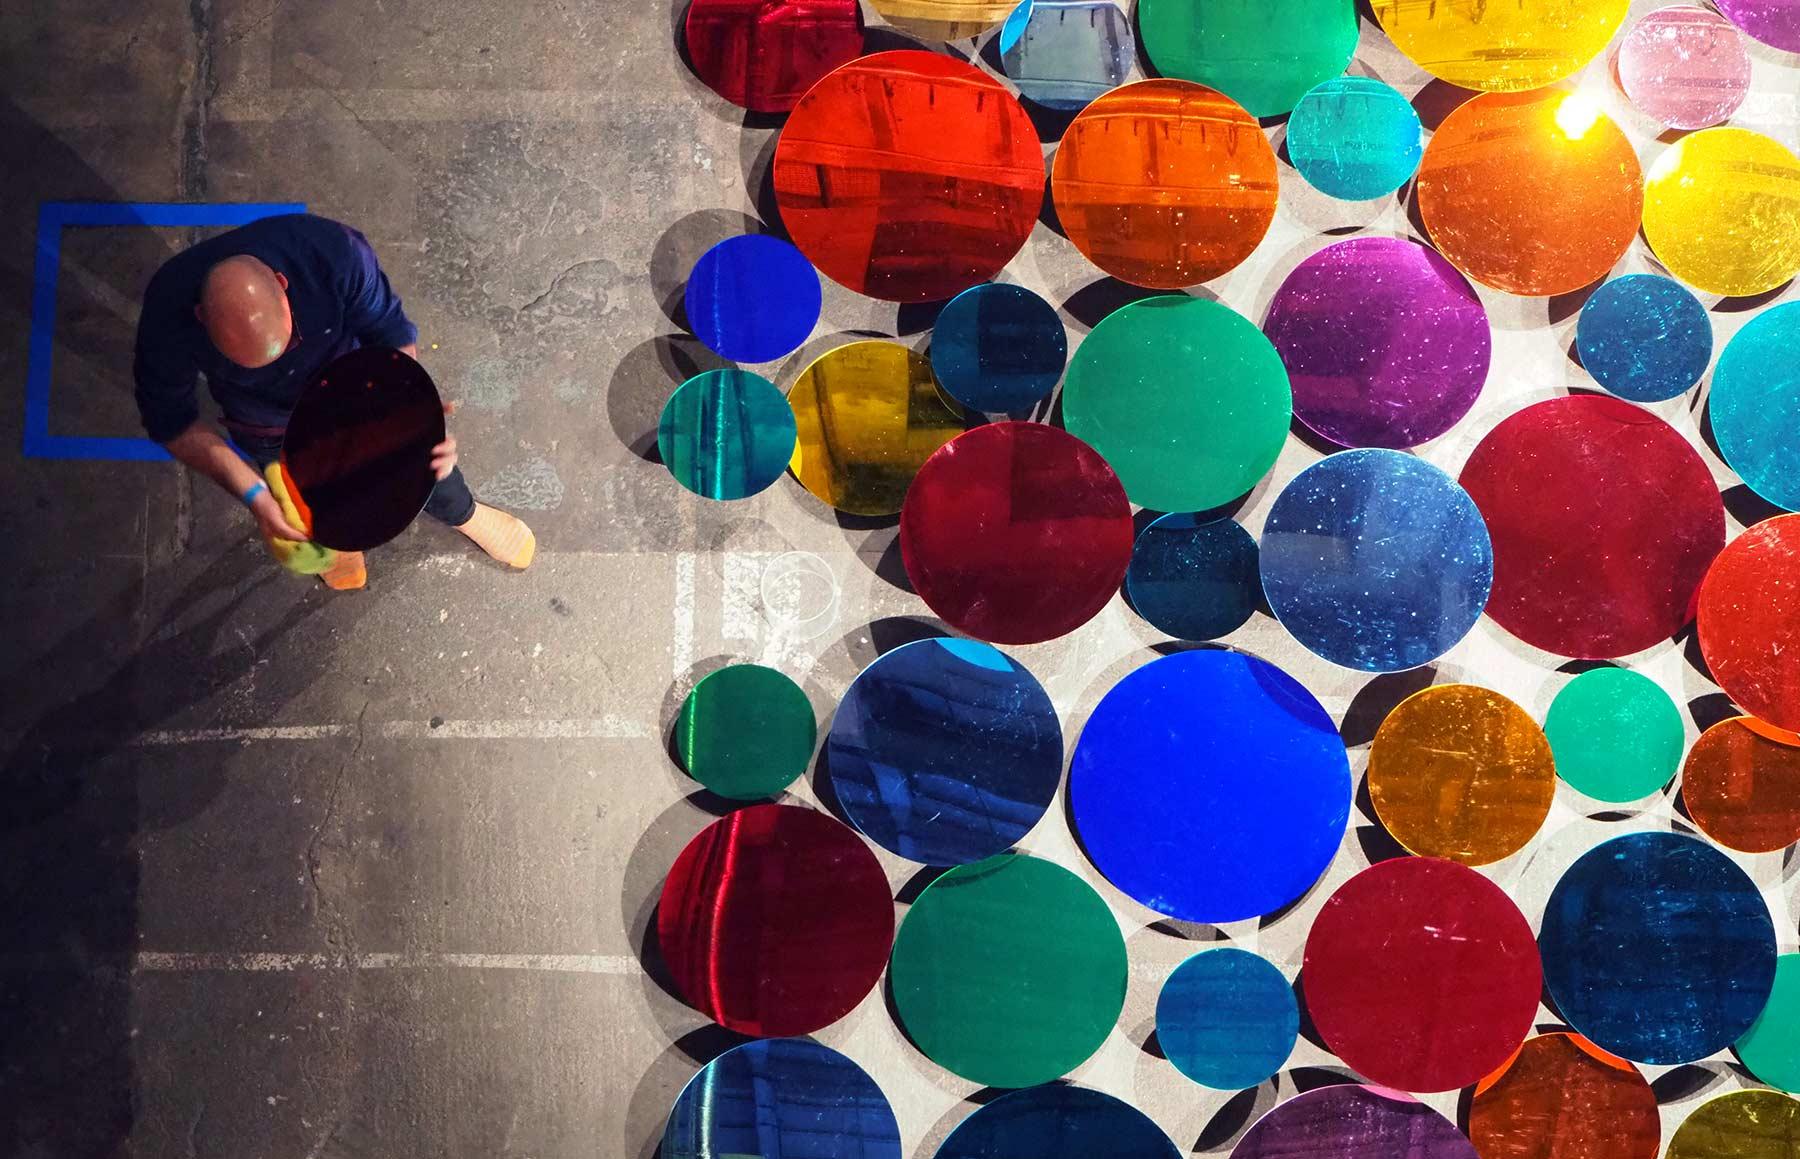 Der OLYMPUS PERSPECTIVE PLAYGROUND in Berlin ist eröffnet! Olympus-Perspective-Playground-Berlin-2017_02